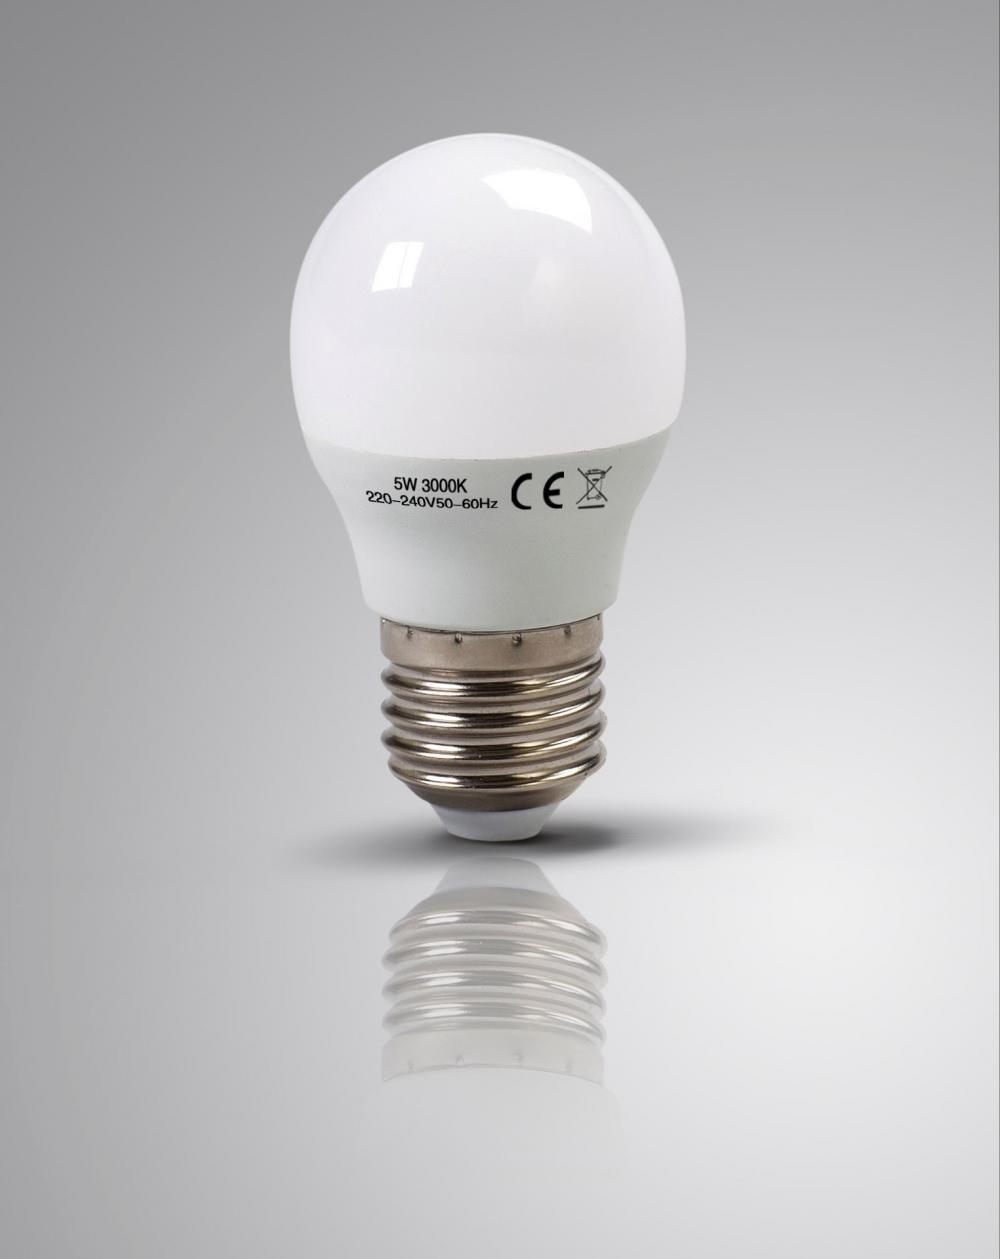 4 X LAPTRONIX LED GOLF BULBS G45 5W 3000K E27 ROUND CHANDELIER LIGHT 60W EQ 4 PK